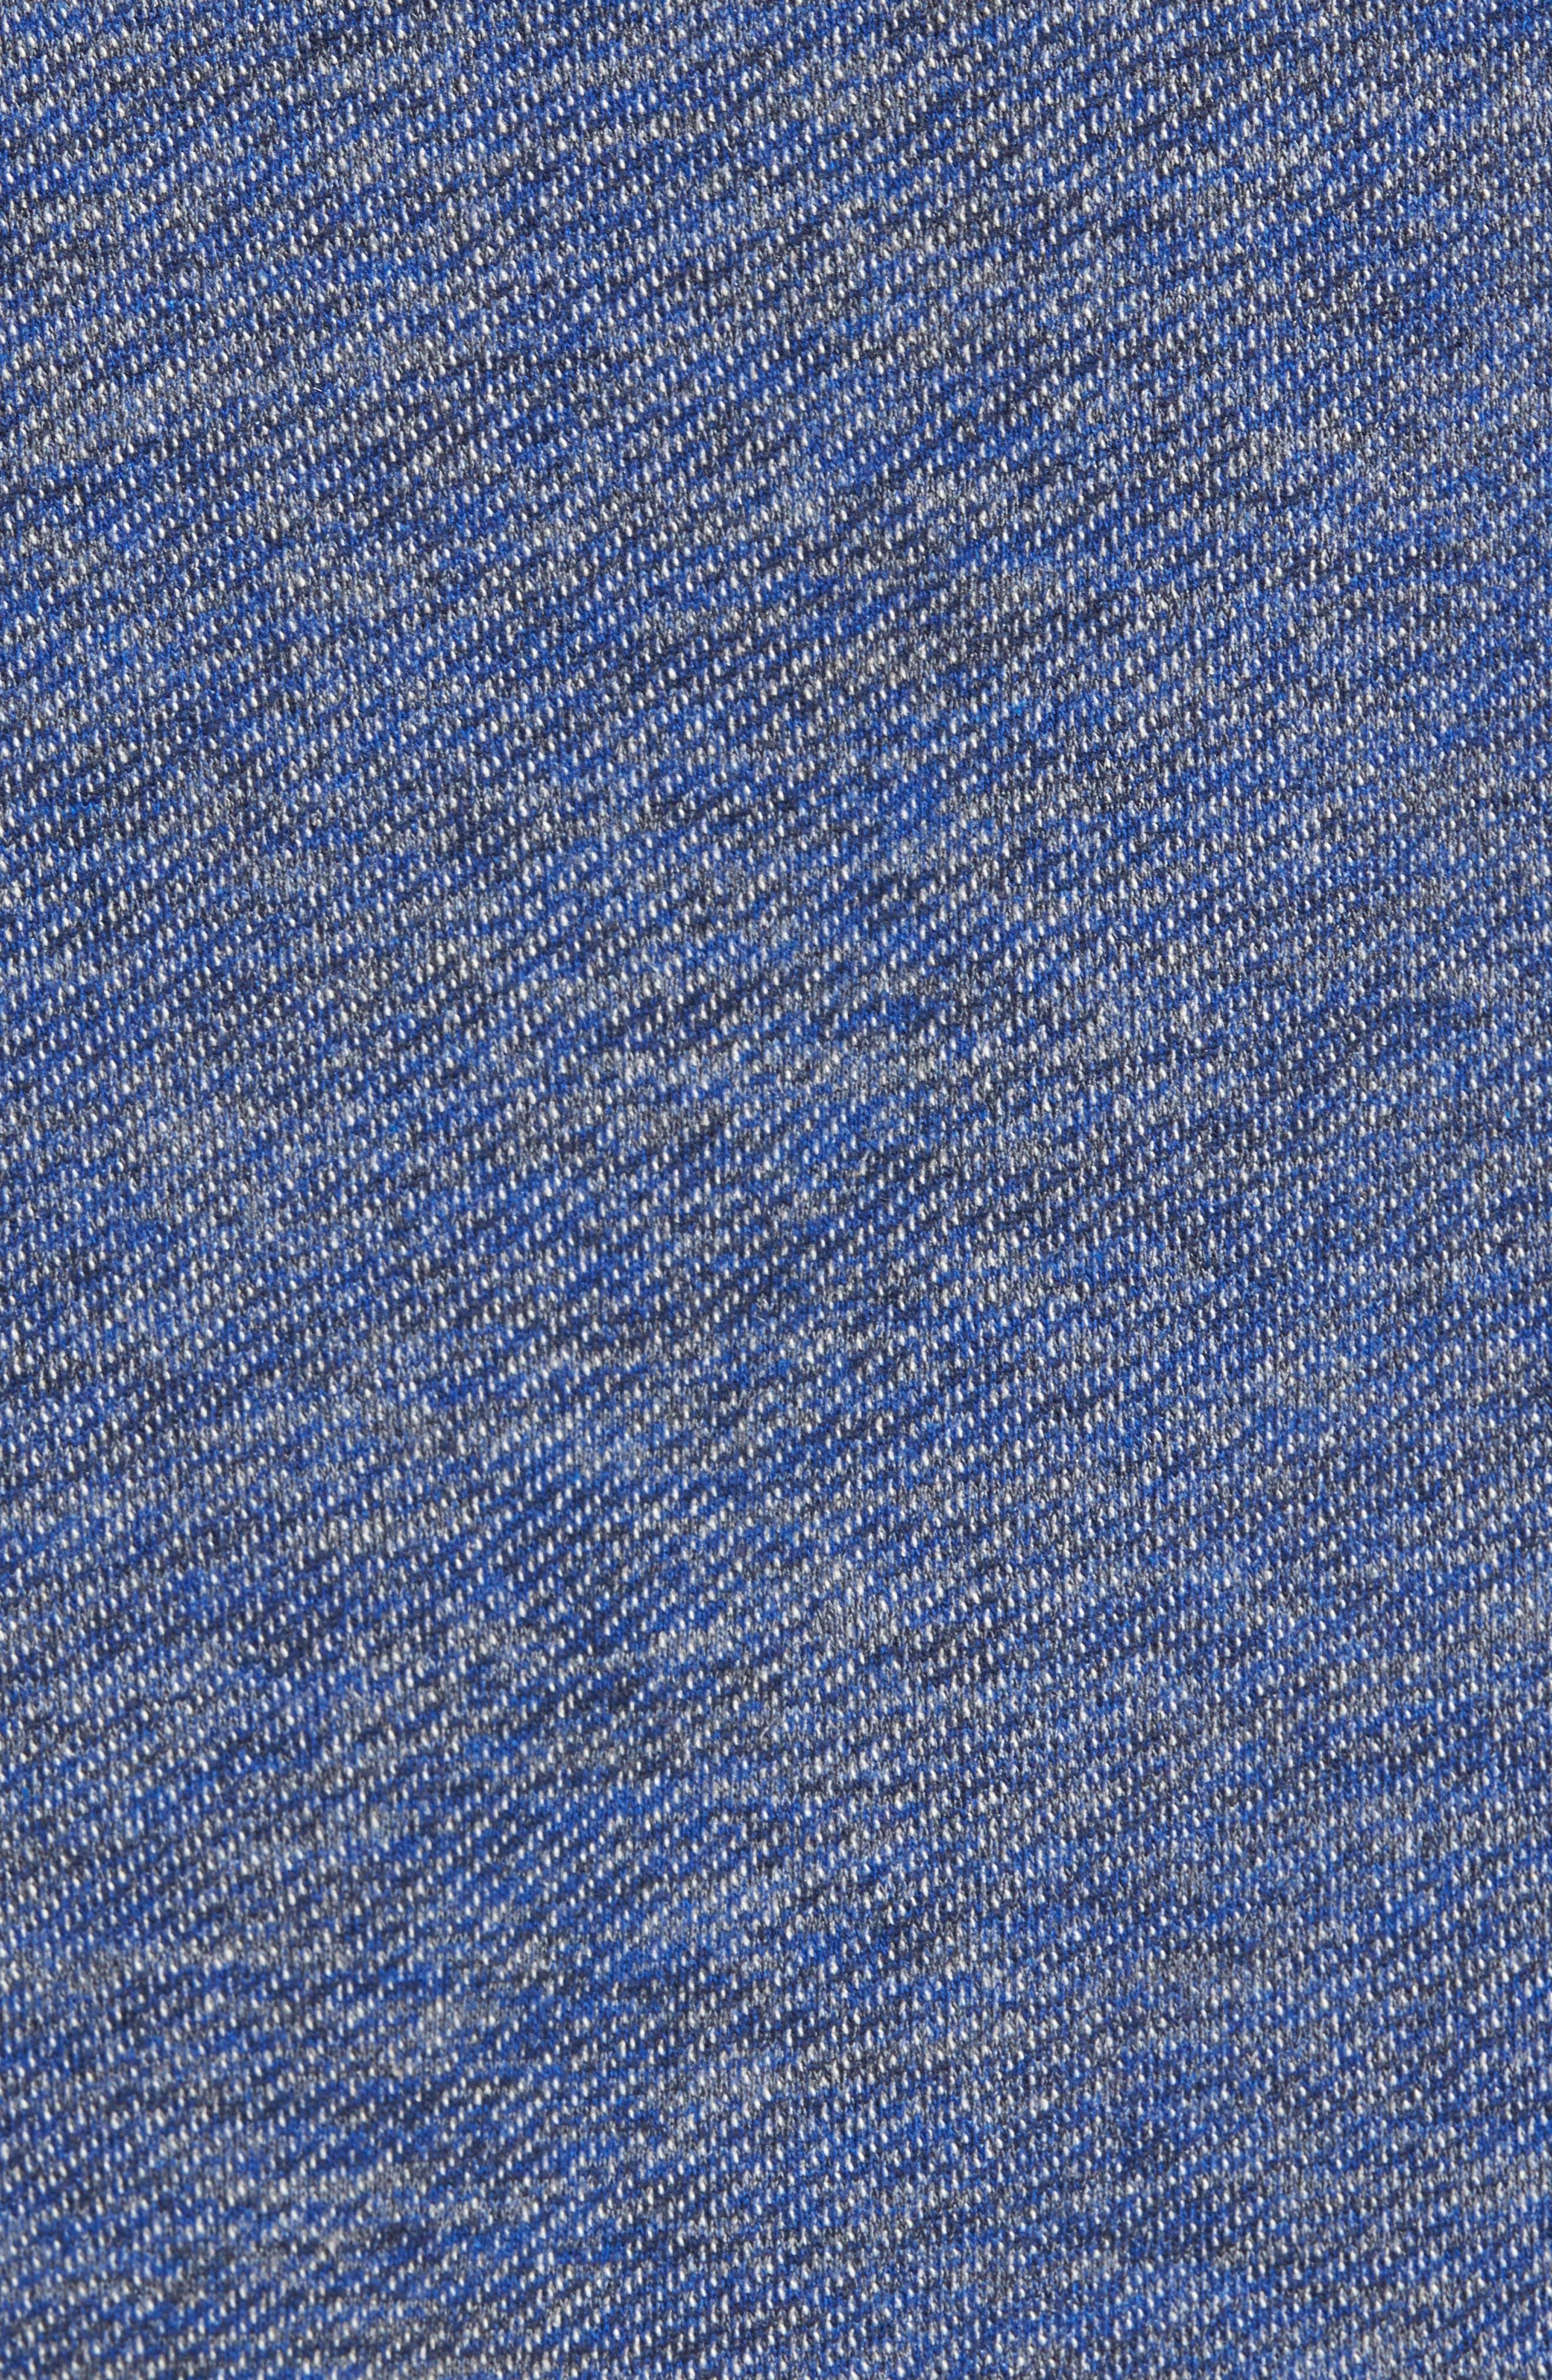 Mélange Knit Hoodie,                             Alternate thumbnail 5, color,